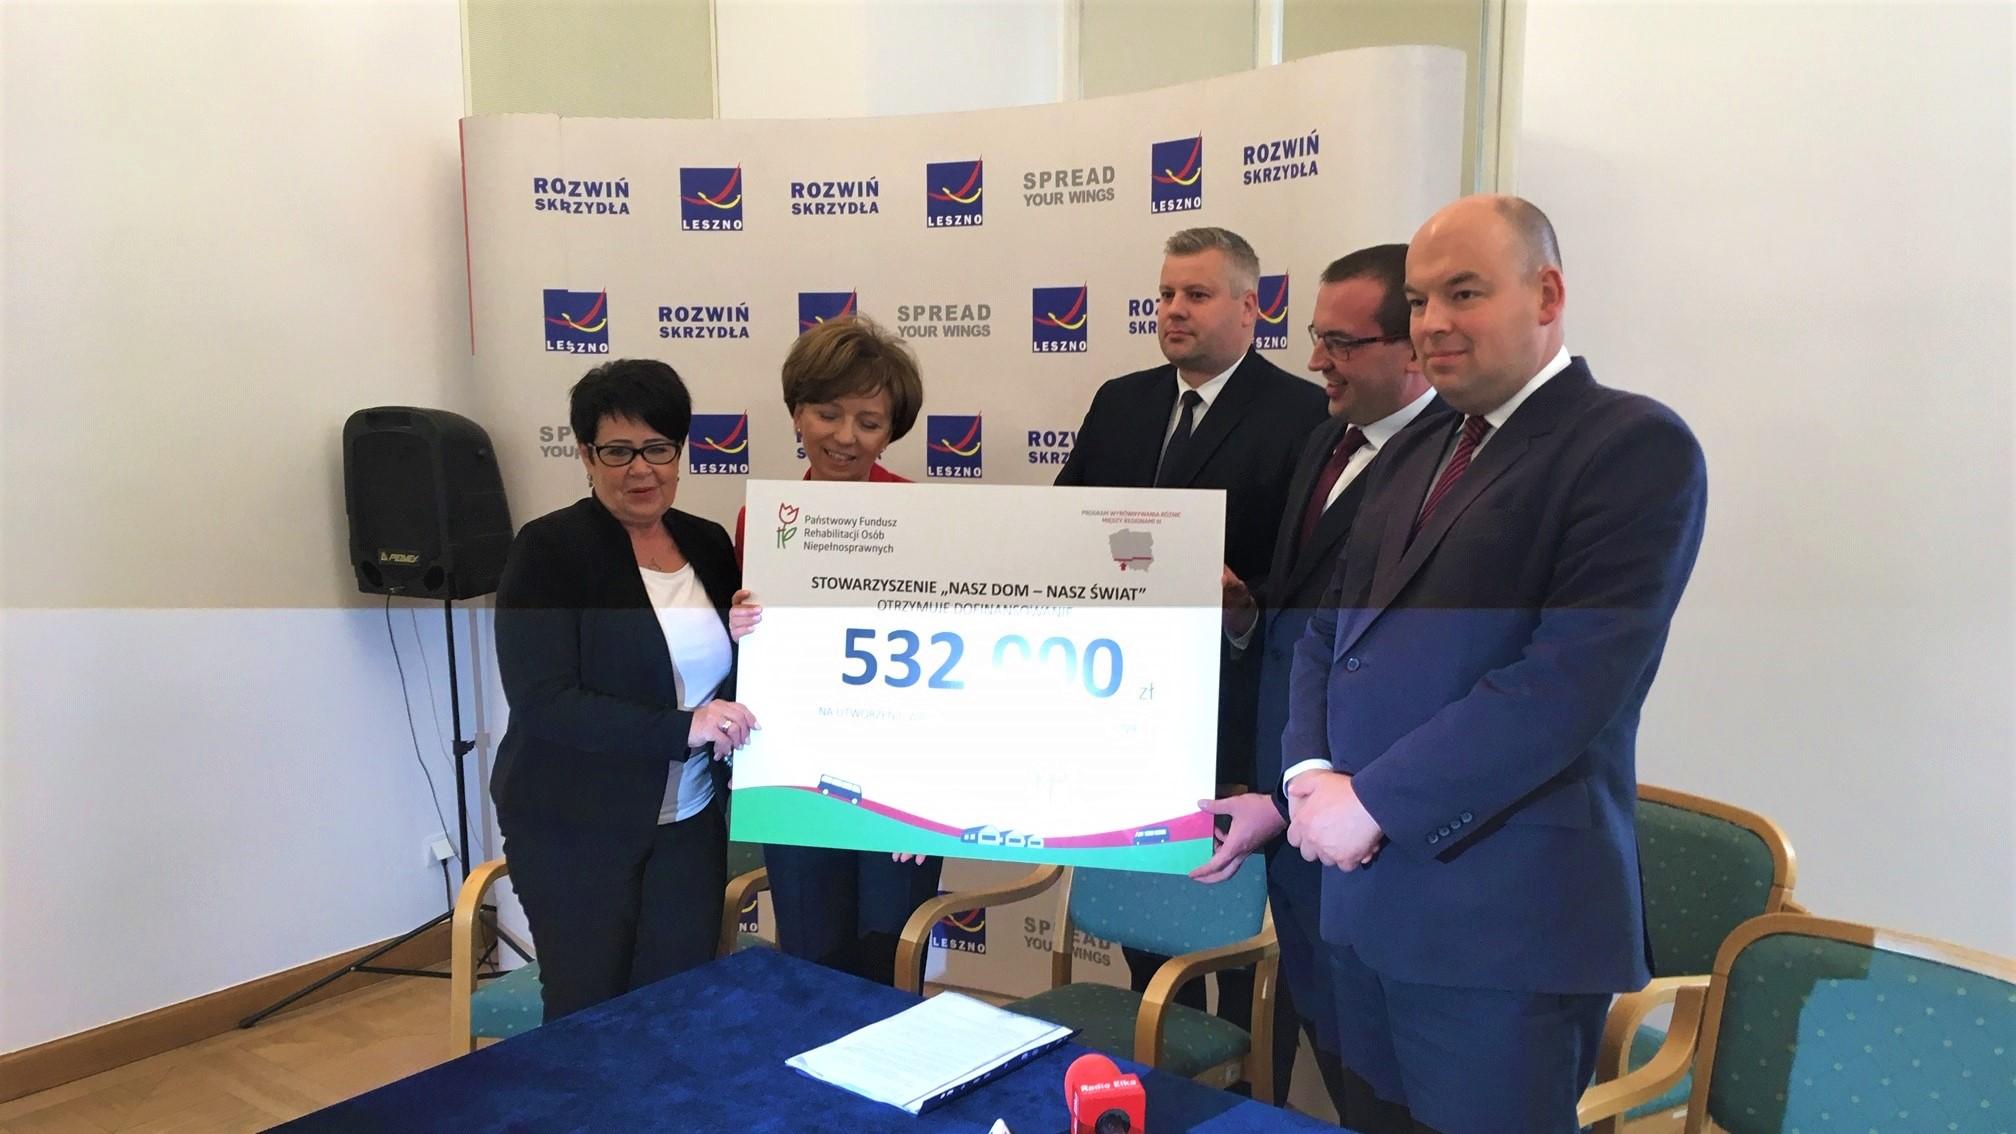 Ponad pół miliona złotych Państwowy Fundusz Rehabilitacji Osób Niepełnosprawnych przekazał na stworzenie w Lesznie warsztatów terapii zajęciowej dla pełnoletnich niepełnosprawnych - Jacek Marciniak